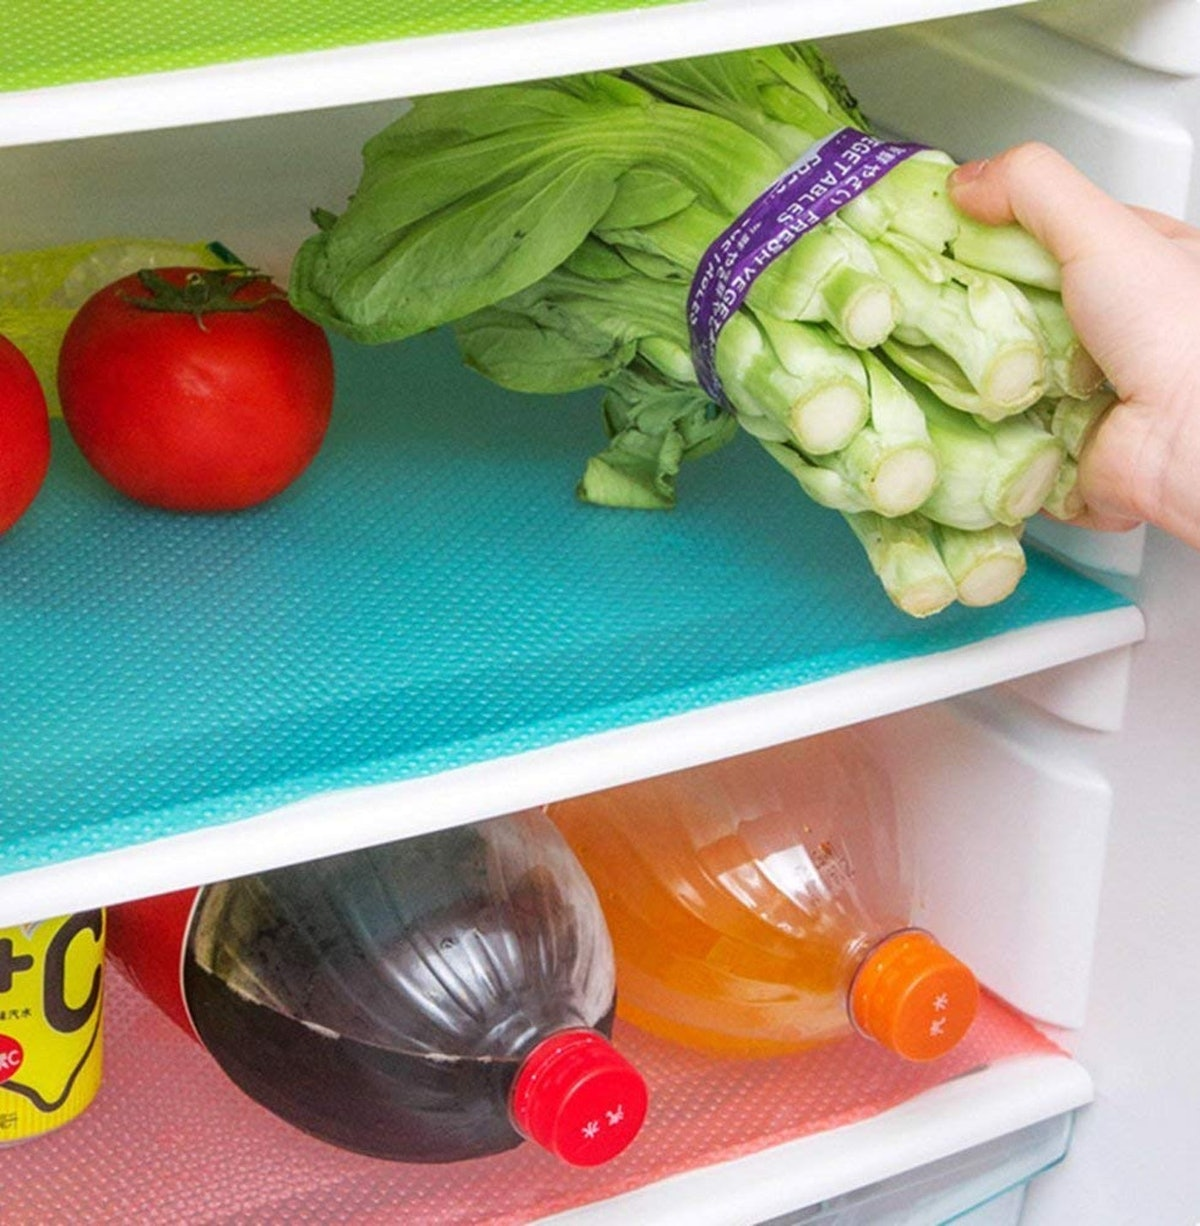 HityTech Refrigerator Mats